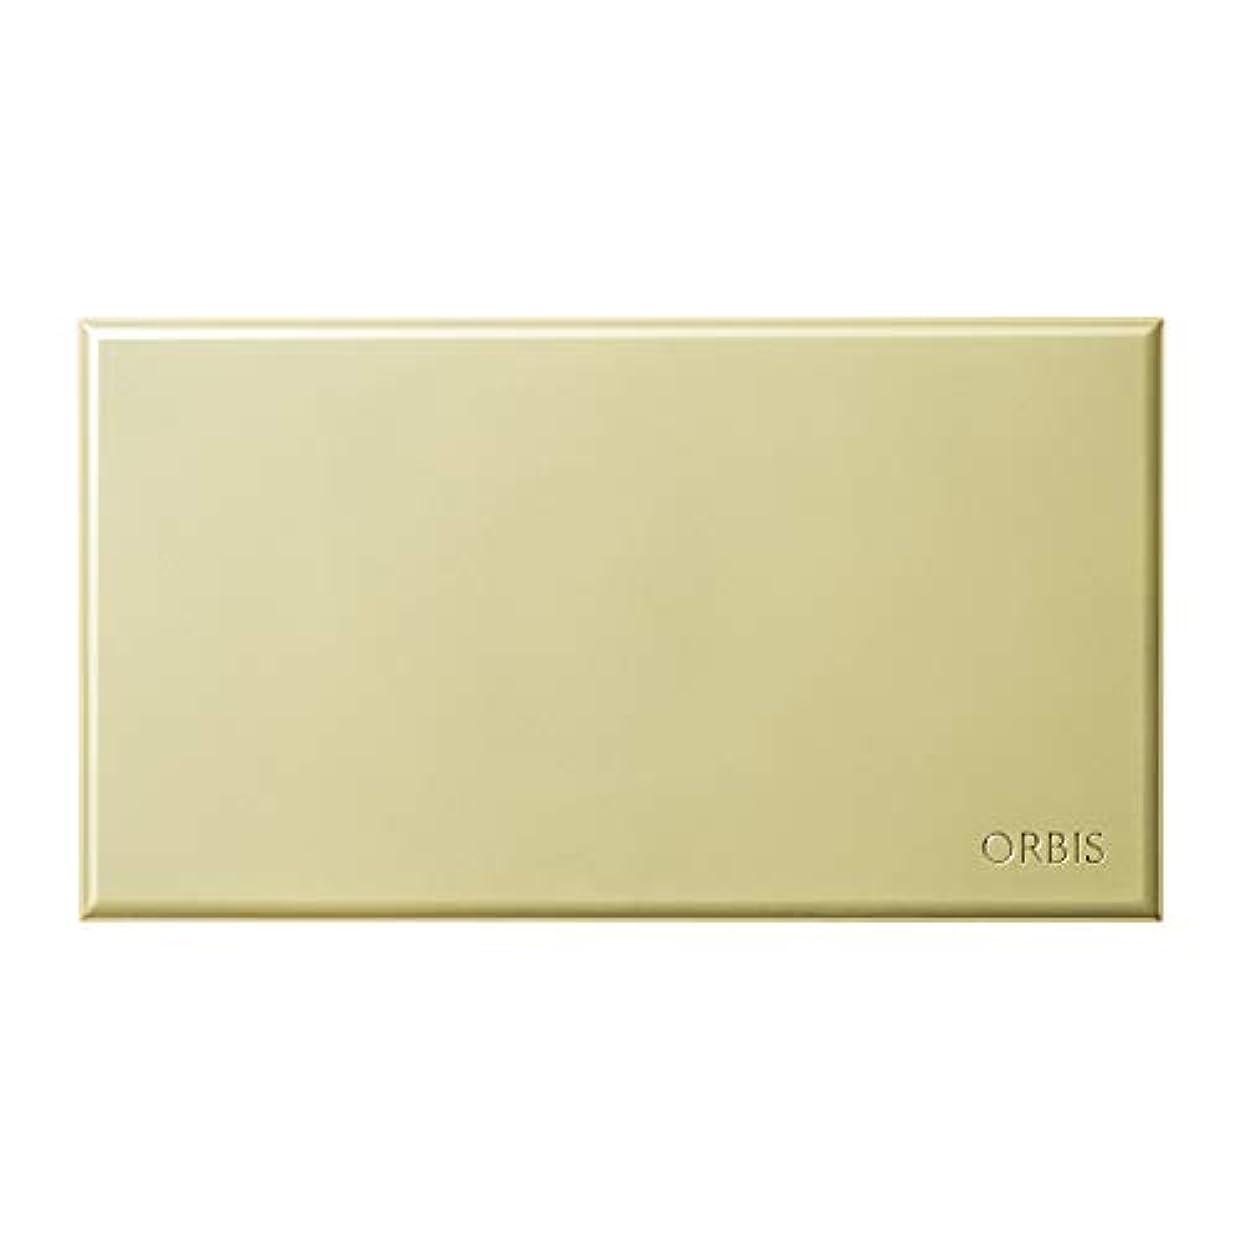 技術識別する発揮するオルビス(ORBIS) カシミアフィットファンデーション 別売りケース